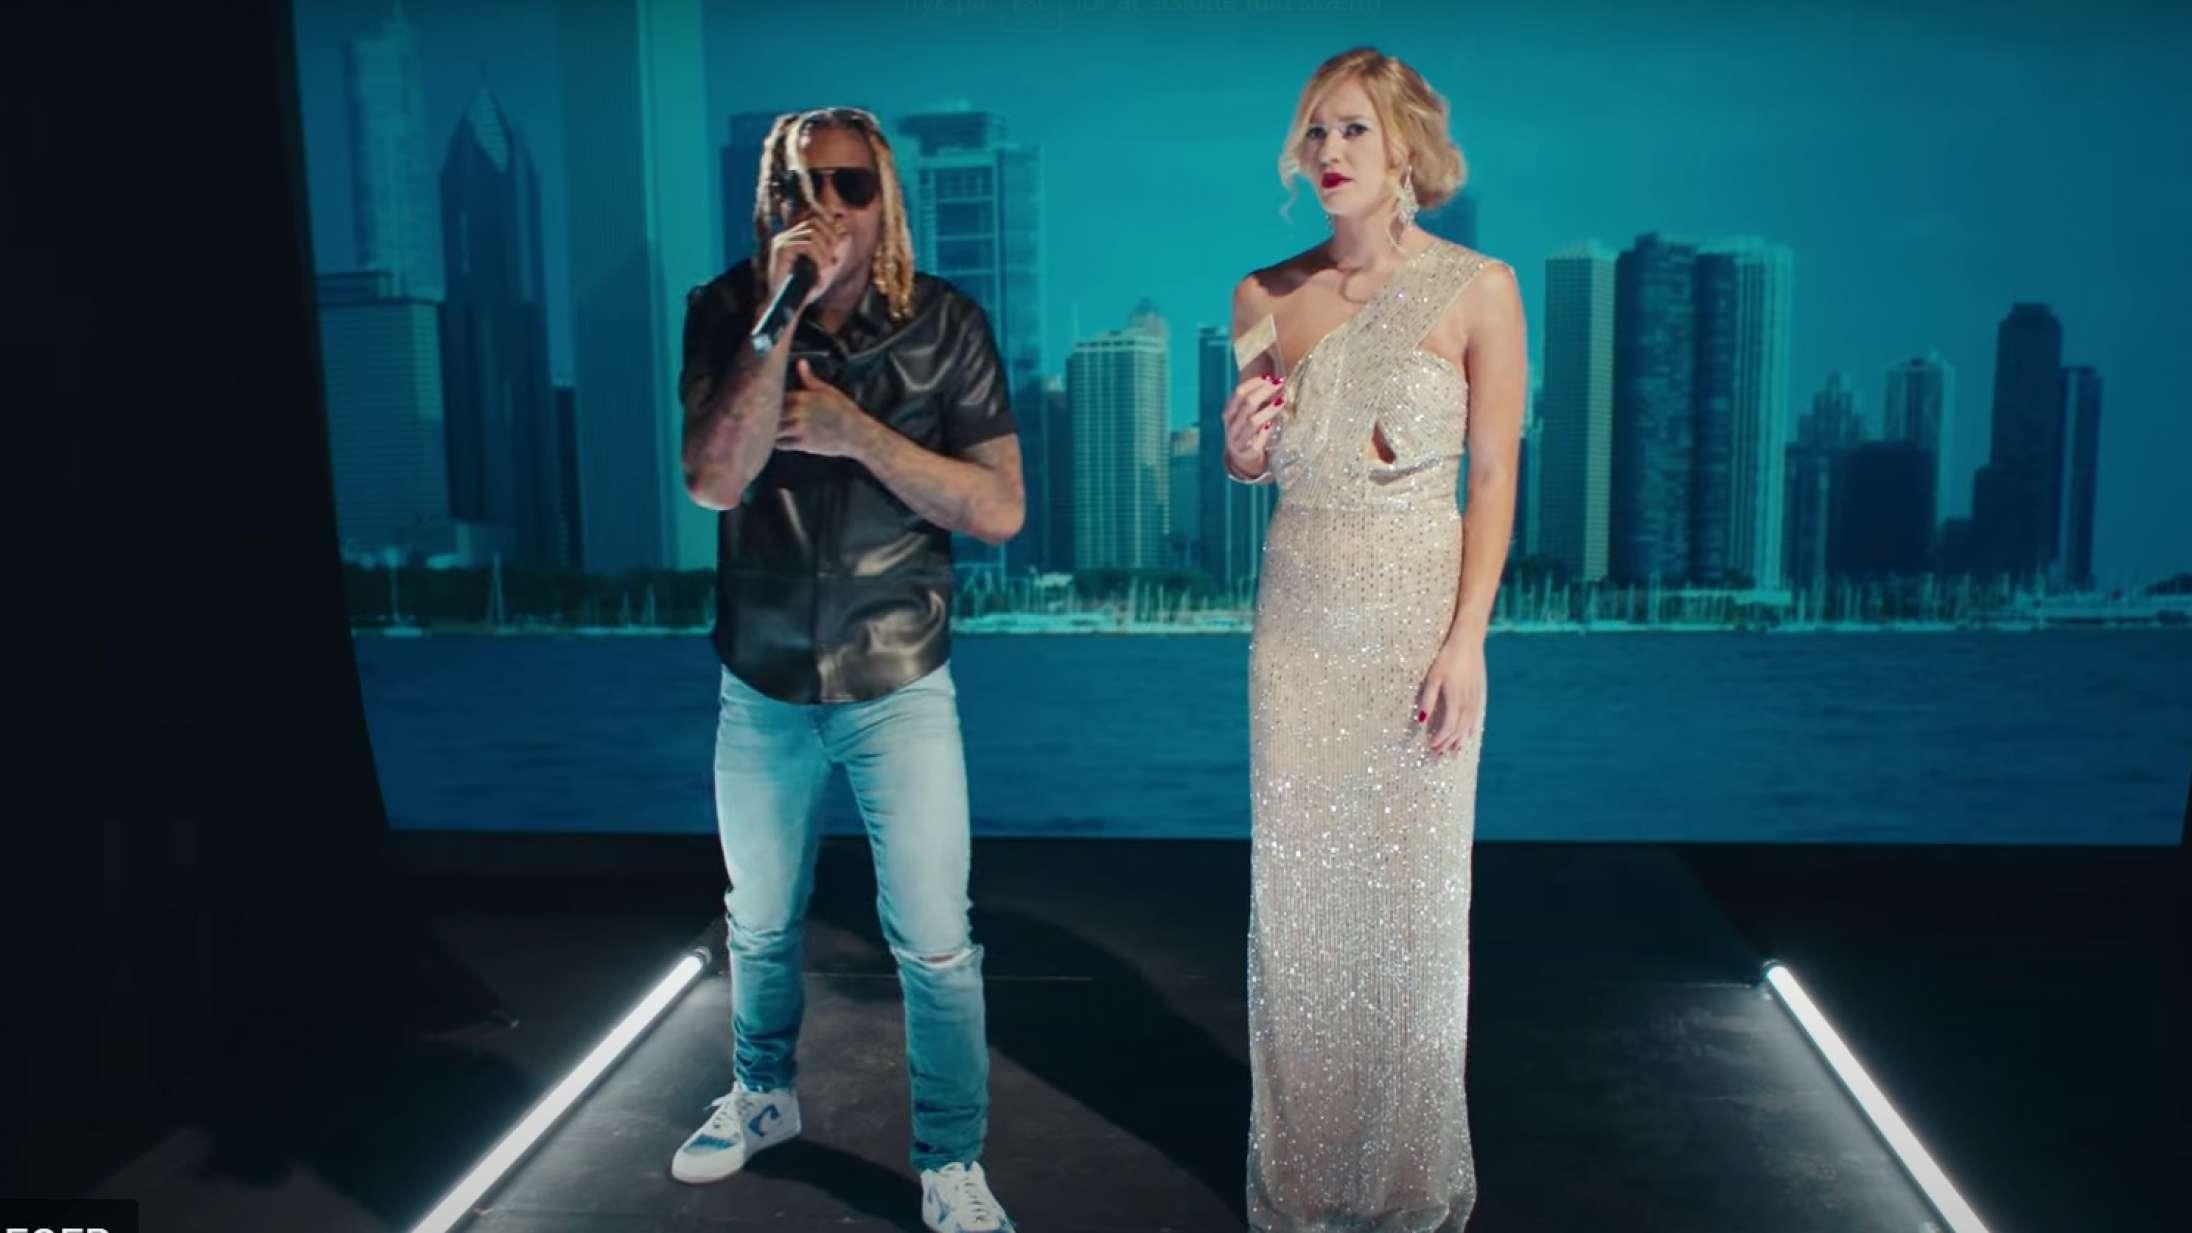 Lil Durk tager tykt pis på Kanye West med parodi-musikvideo til 'Kanye Krazy'